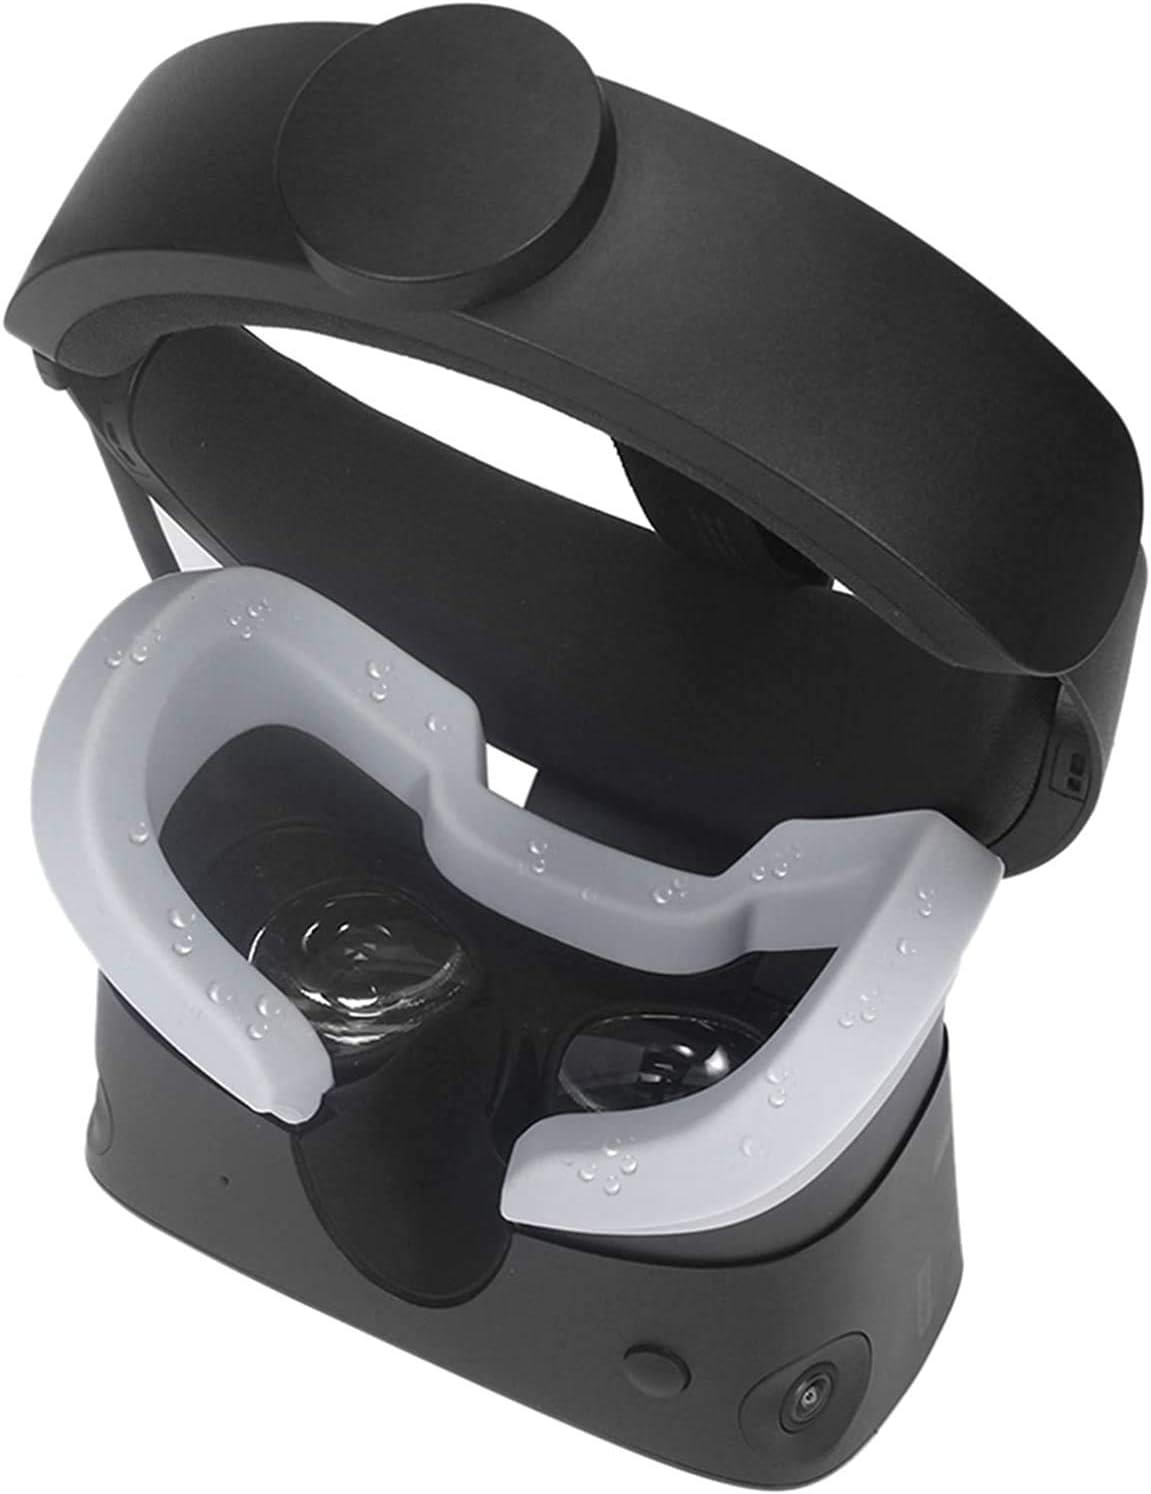 Esimen Silicone Vr Face Cover For Oculus Rift S Vr Elektronik